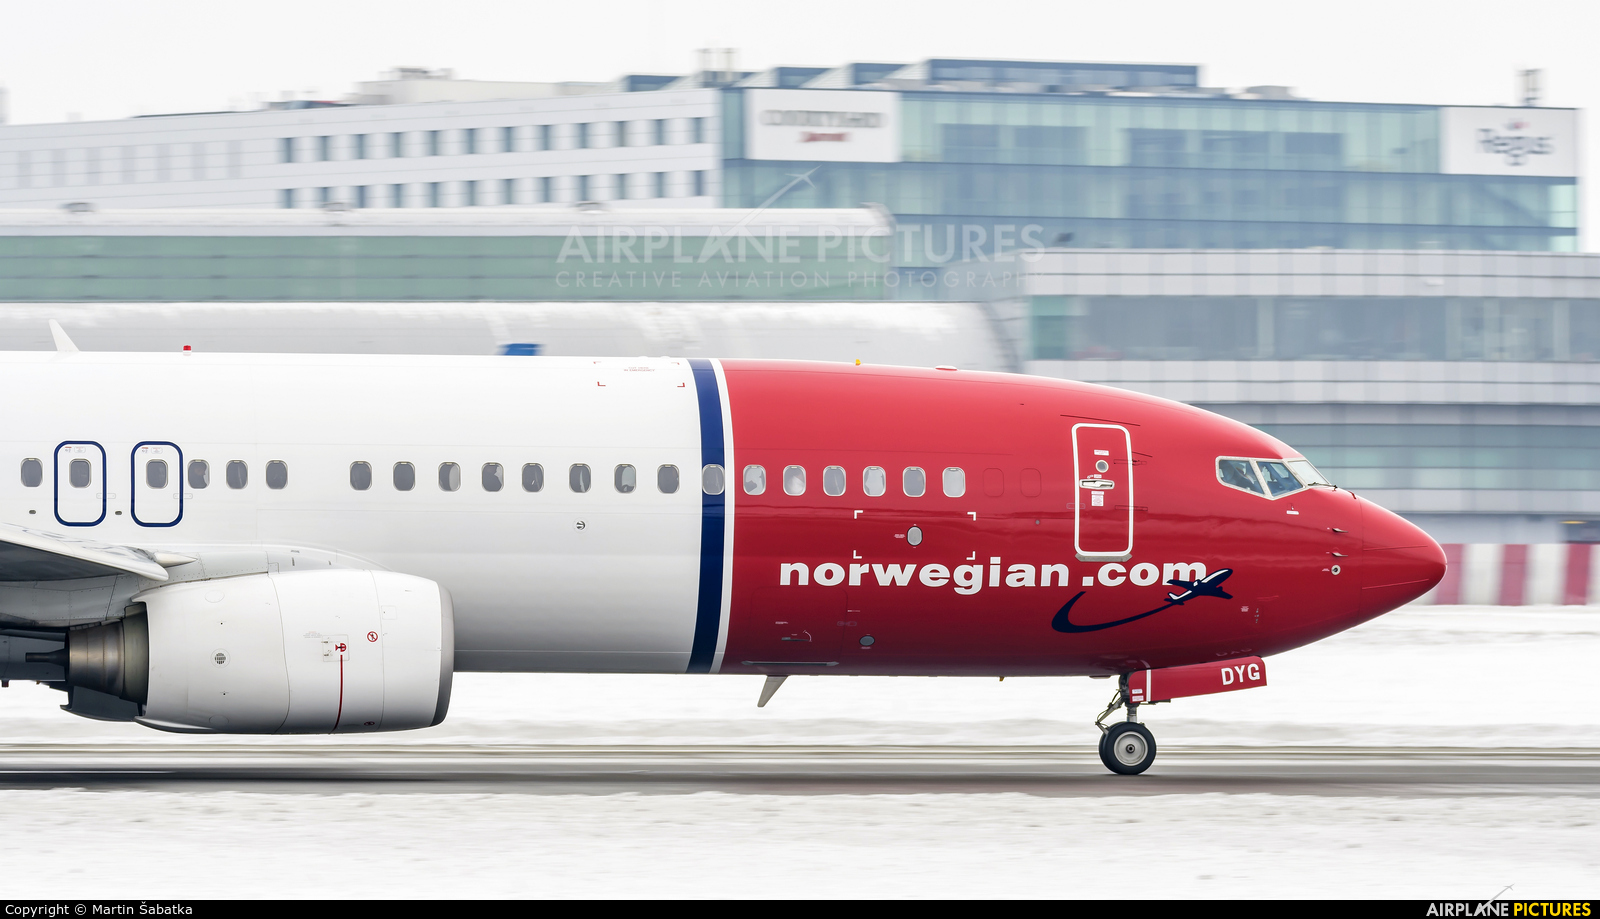 Norwegian Air Shuttle LN-DYG aircraft at Prague - Václav Havel